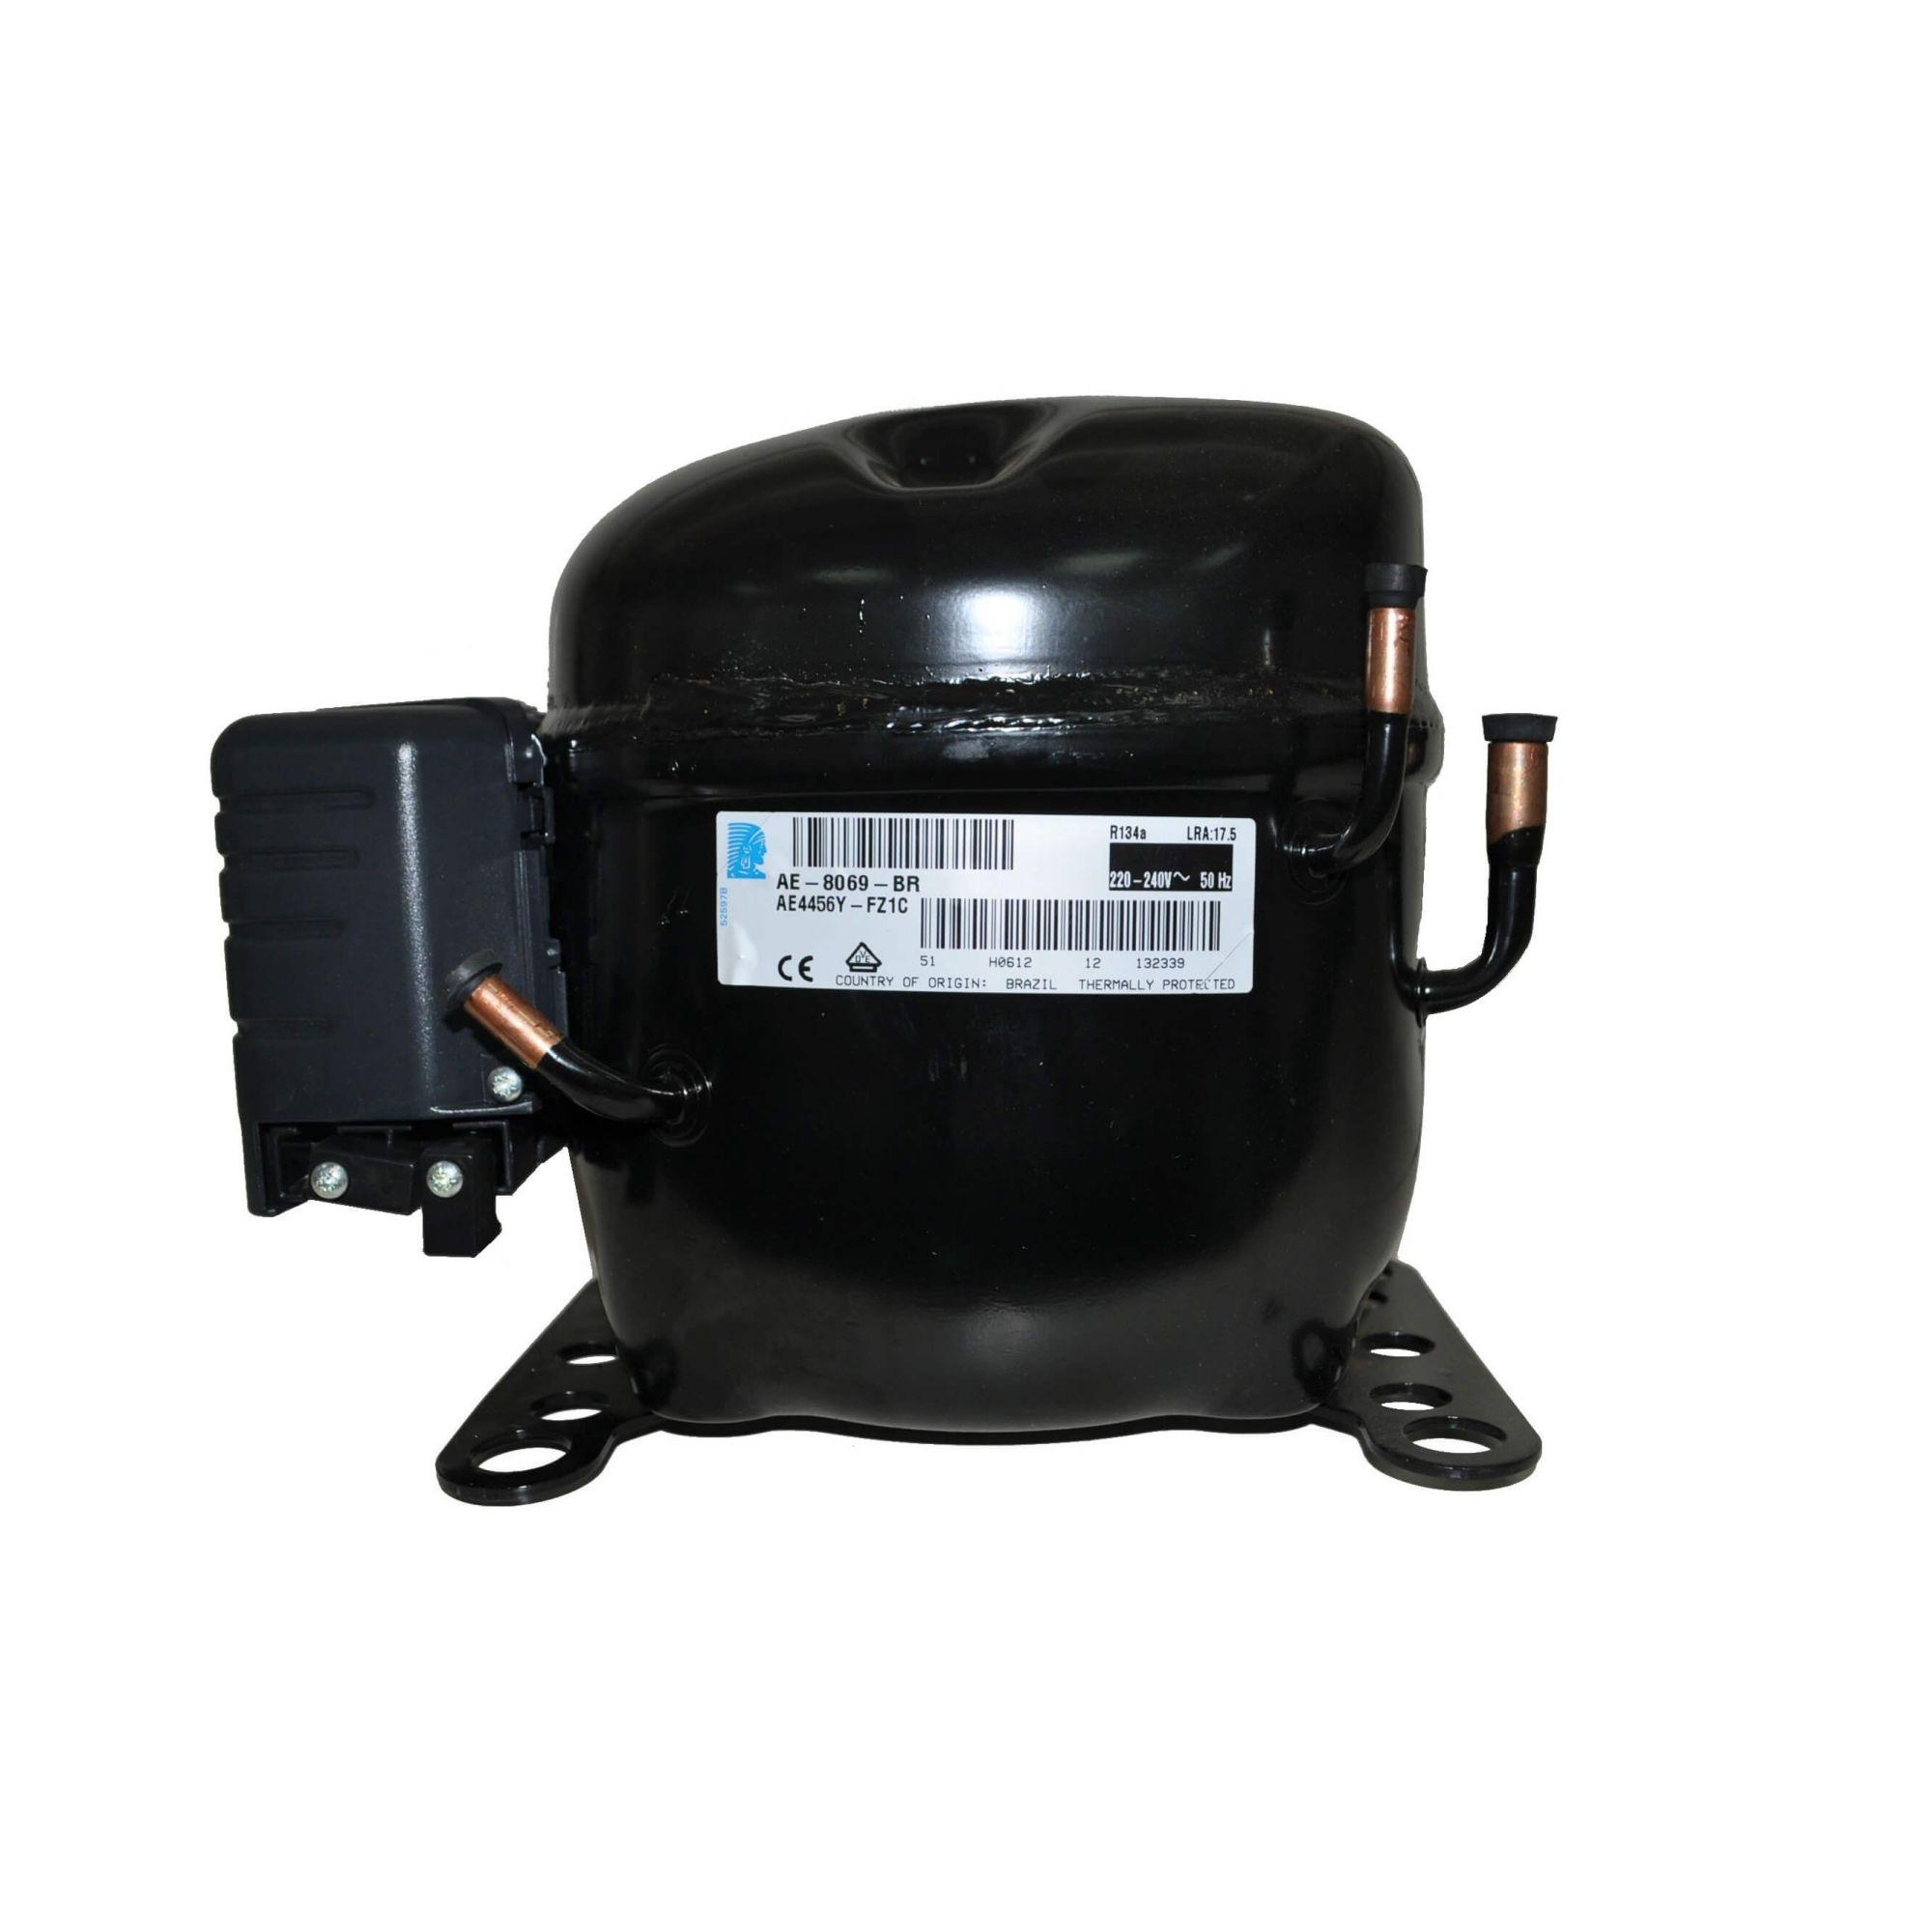 Compressor Tecumseh 1/2HP AE4456E R22 220V